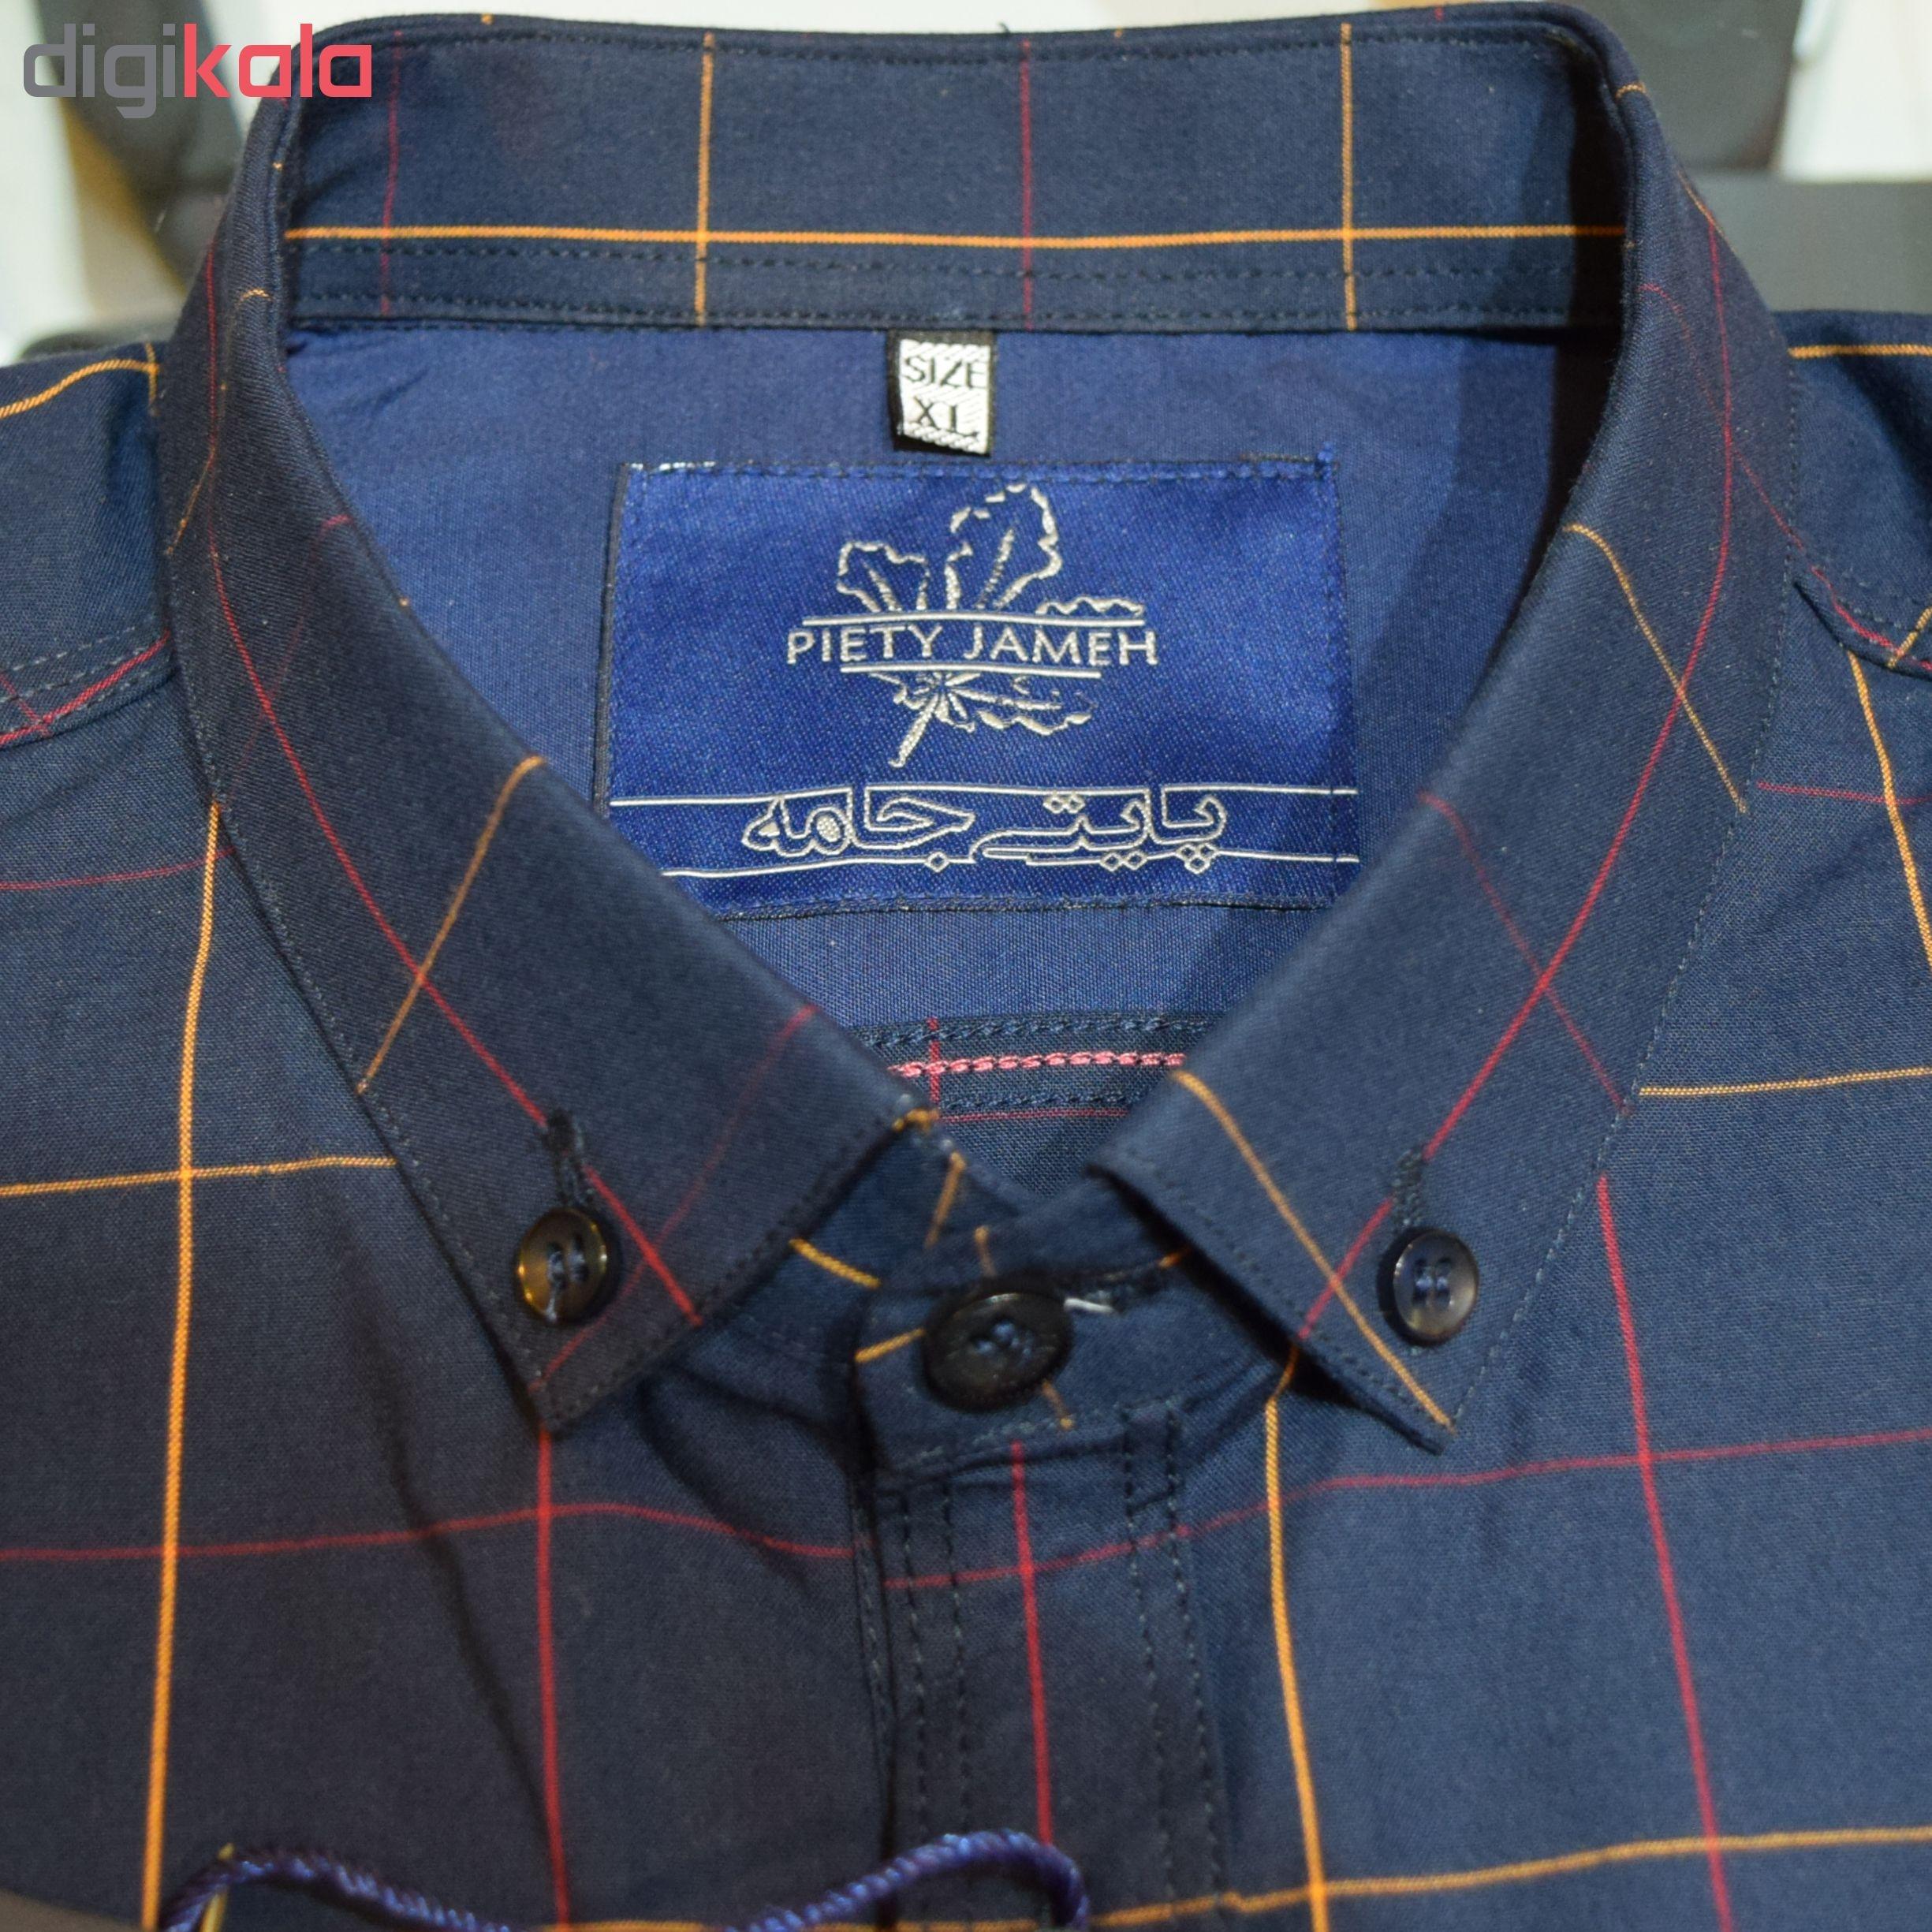 پیراهن مردانه پایتی جامه کد 1870977 main 1 5